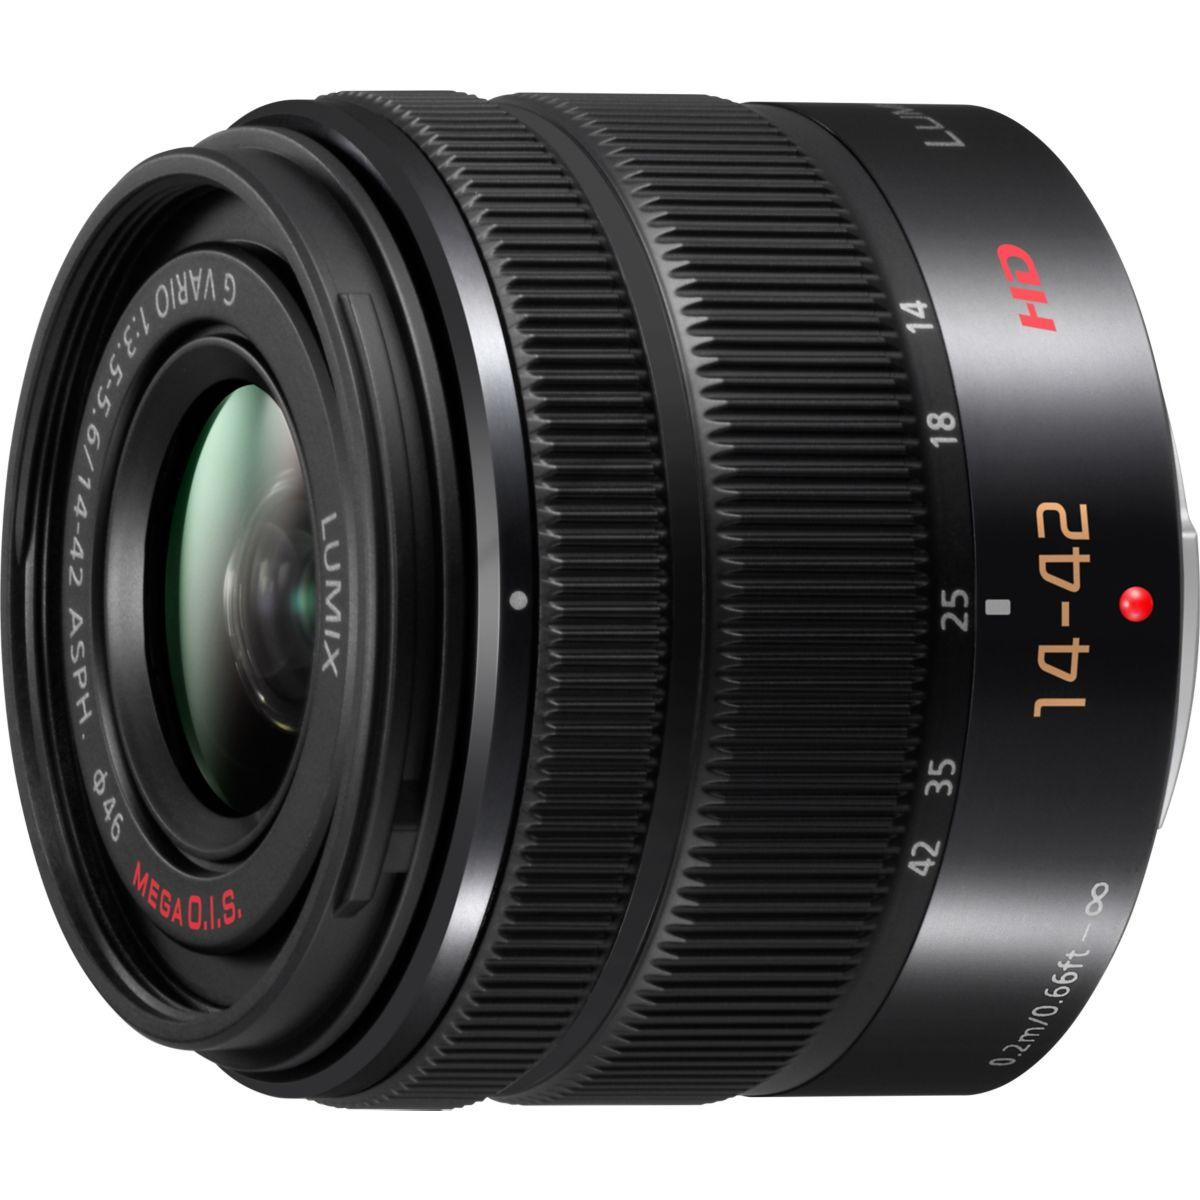 Objectif pour hybride panasonic 14-42mm f3.5-5.6 ii noir lumix...